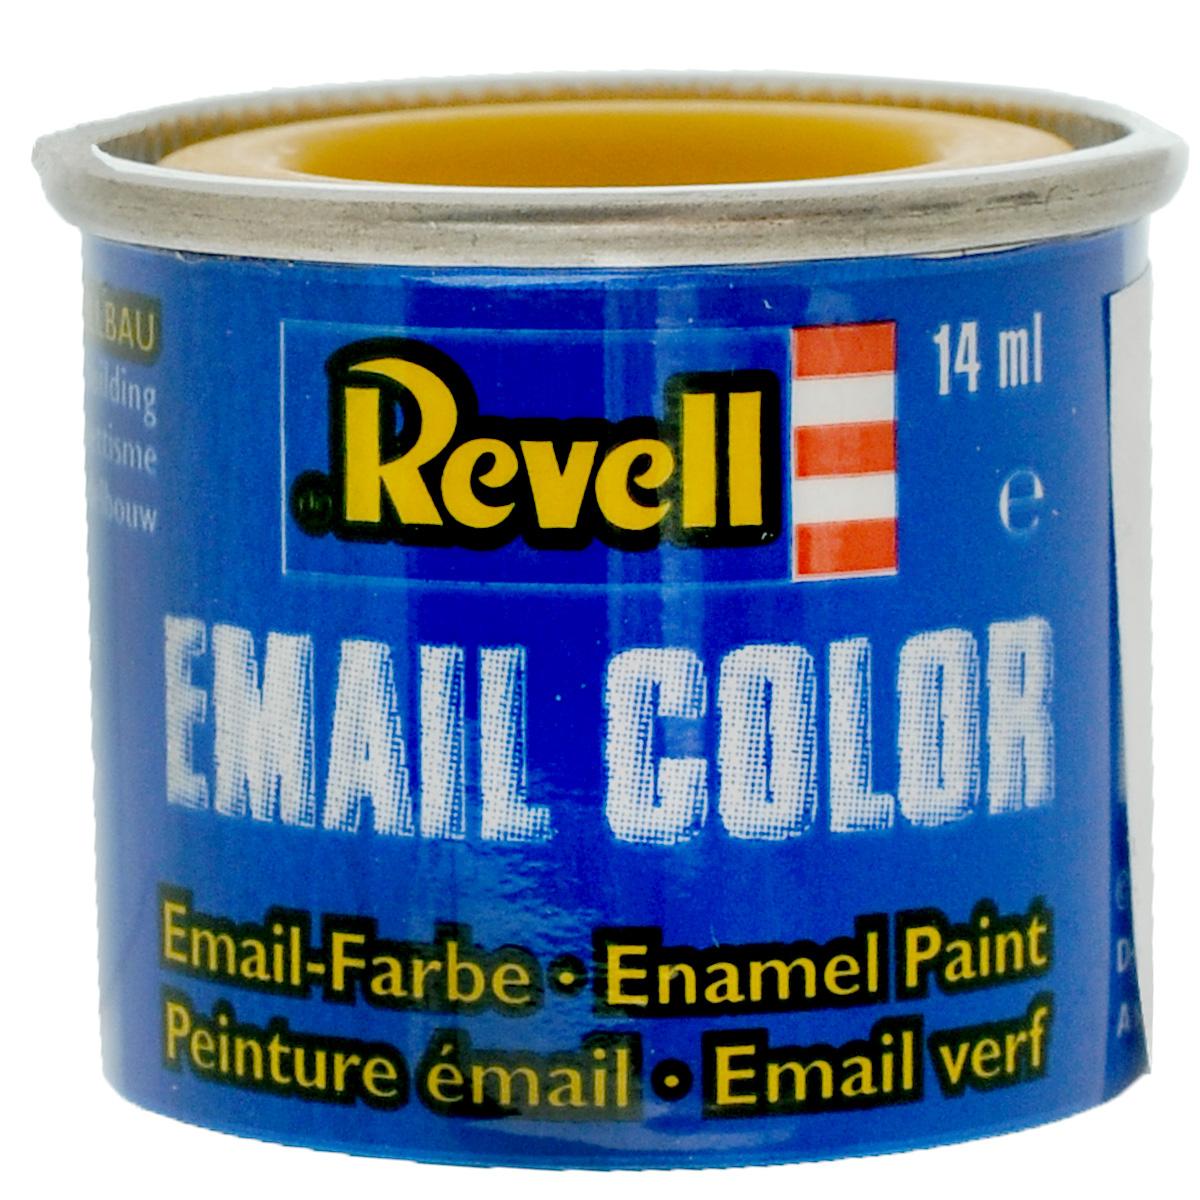 Revell Краска для моделей матовая №15 цвет желтый 14 мл32115/РАЛ 1017Матовая краска Revell желтого цвета широко используется для окраски сборных моделей машин, кораблей и самолетов. После полного высыхания базового покрытия можно наносить узор с помощью других цветных красок. Краска упакована в металлическую баночку, плотно закрывающуюся крышкой, что позволяет избежать высыхания краски. Объем краски: 14 мл.